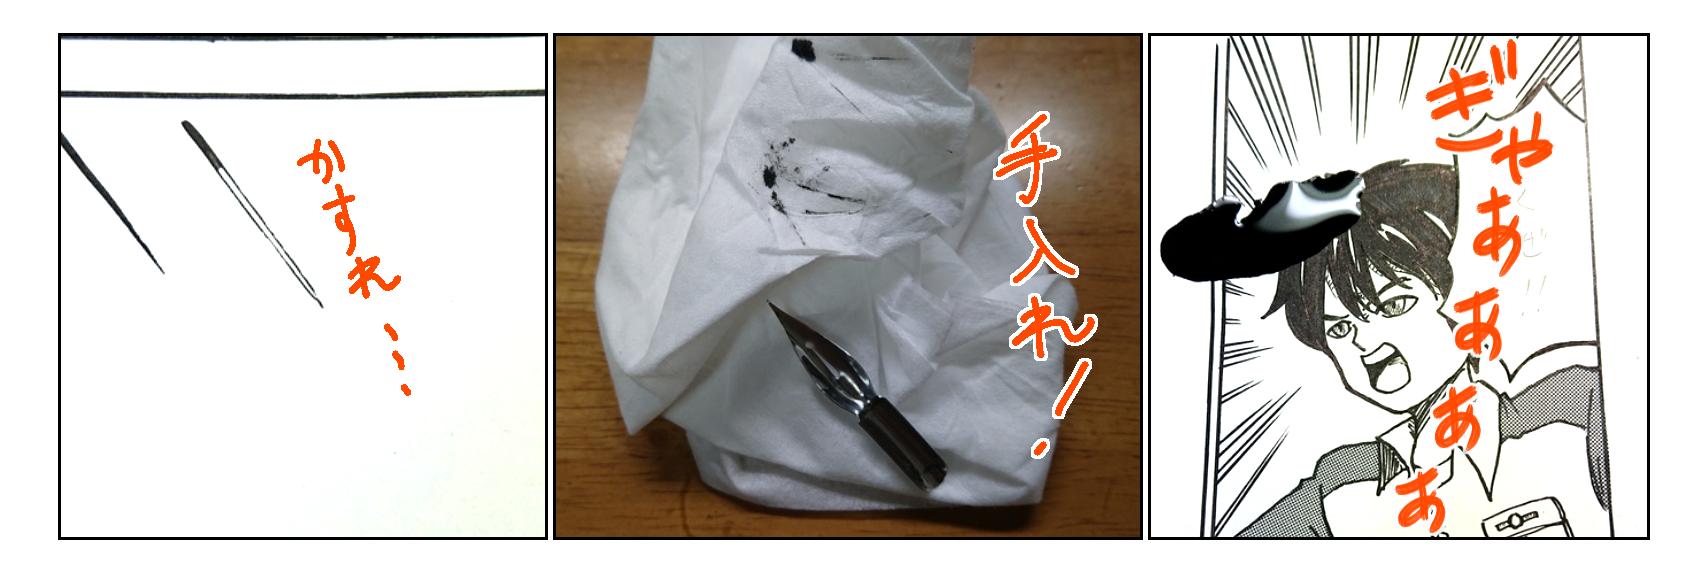 アナログ漫画制作:かすれ/手入れ/インクこぼし